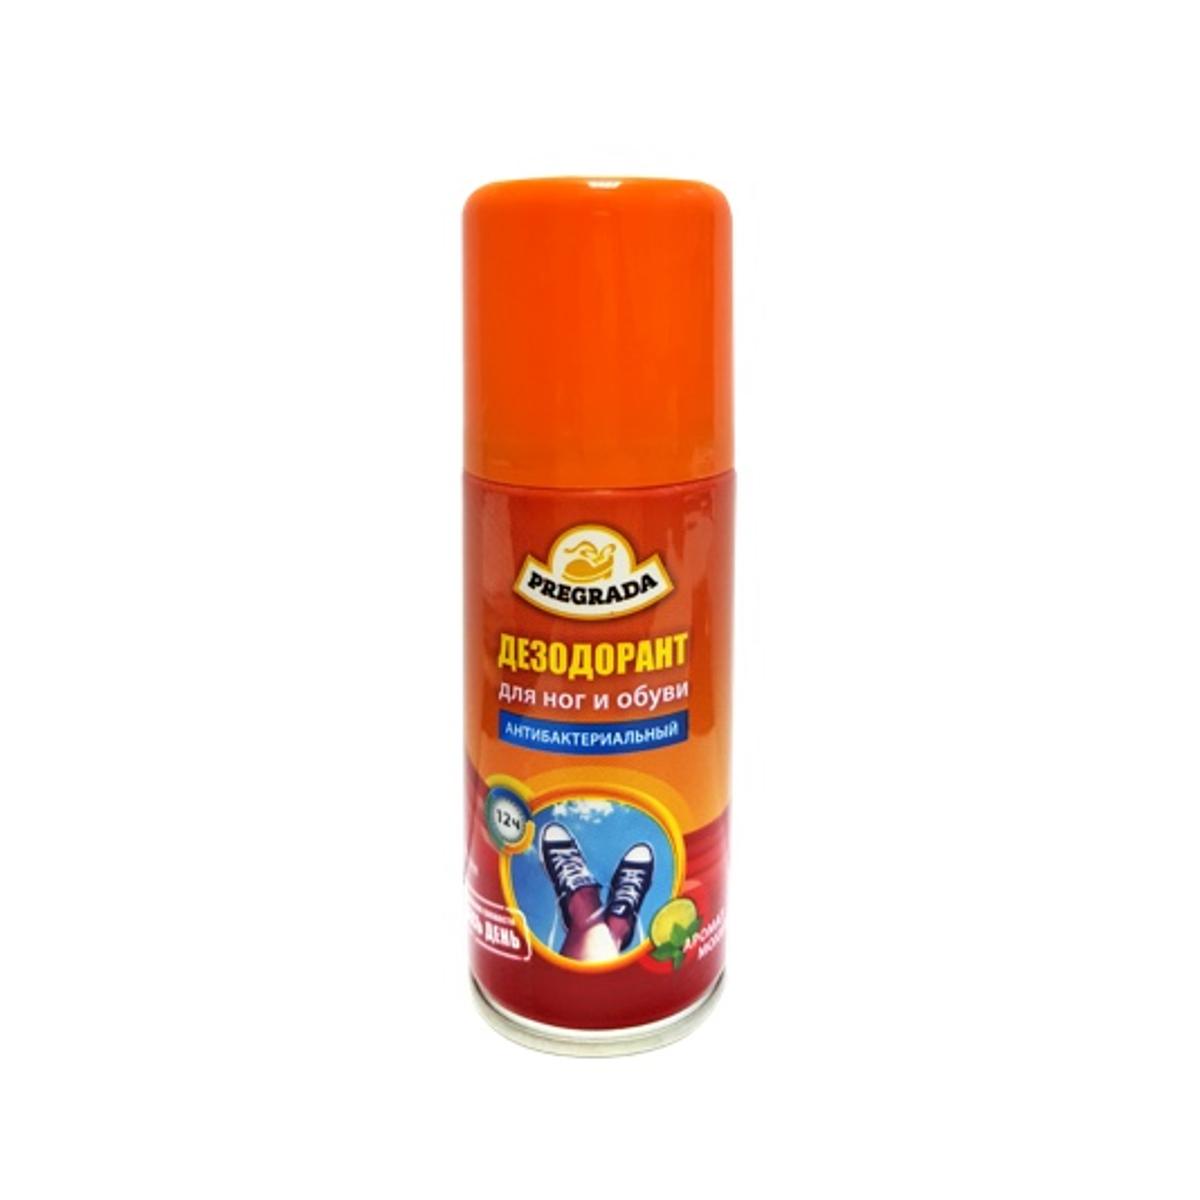 Аэрозоль дезодорант Pregrada Защита от запаха, для ног и обуви, 100 мл сушилка для обуви pregrada